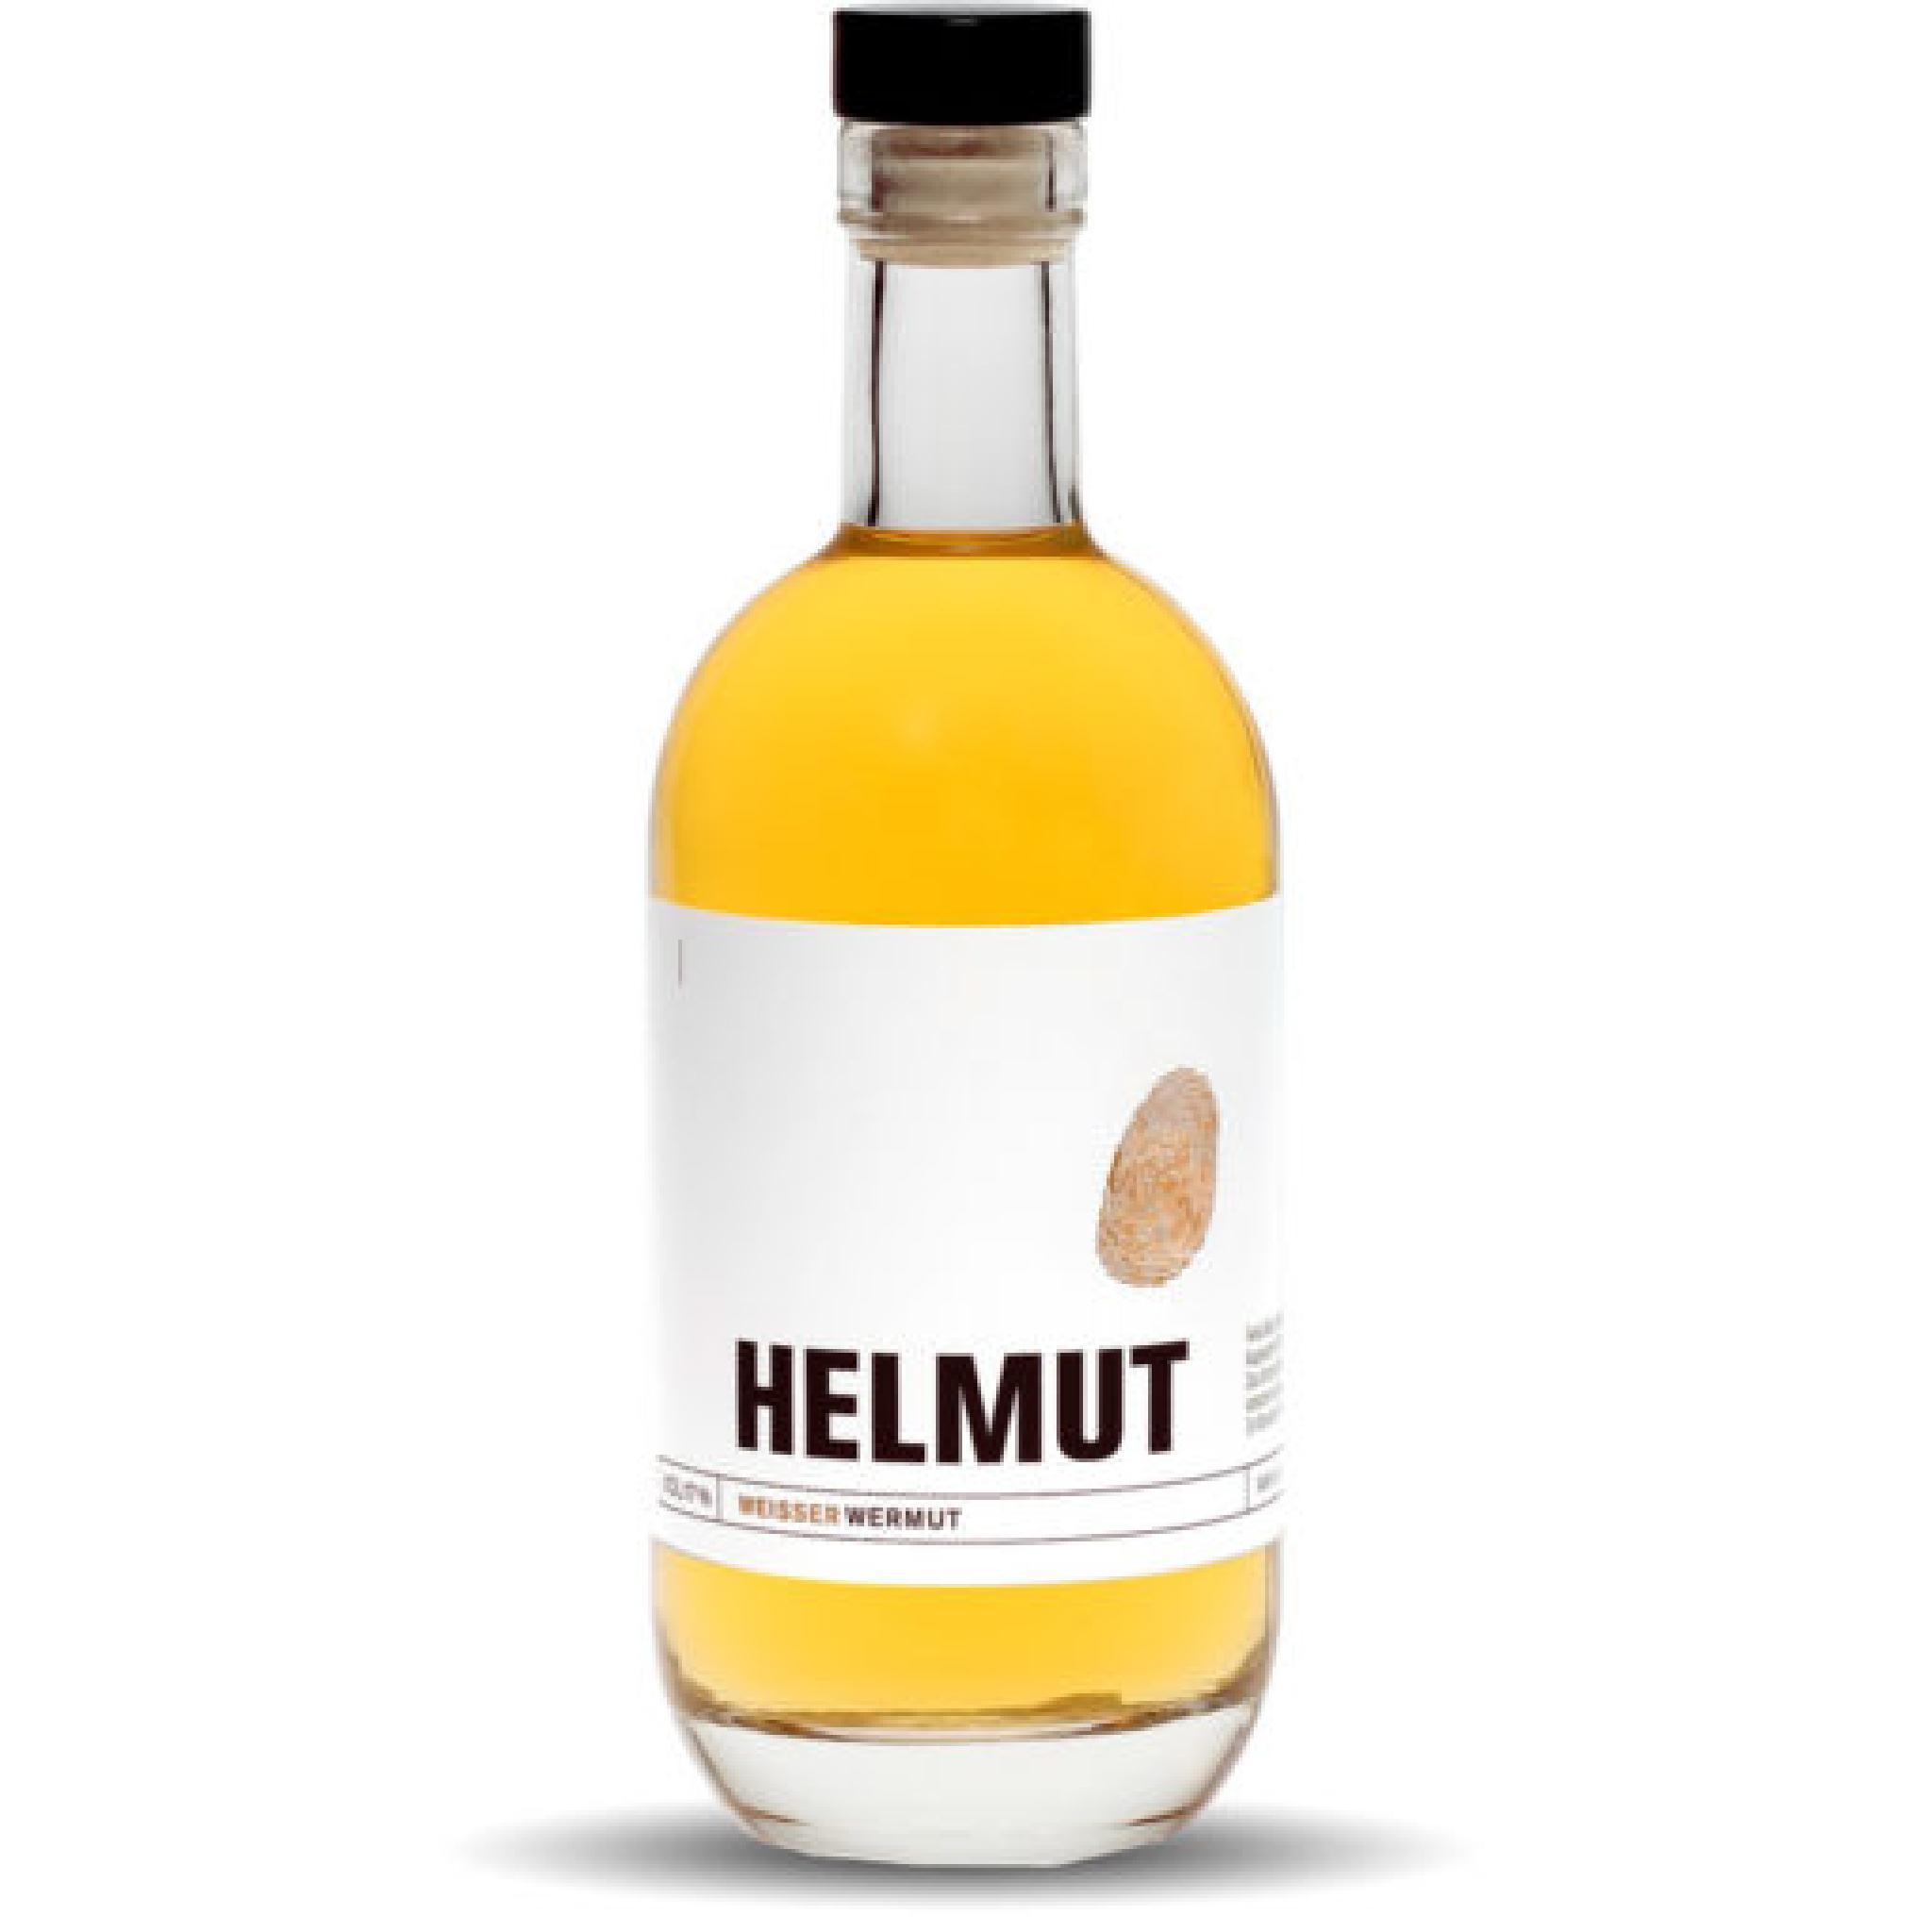 Helmut der Weiße, 17% VOL.